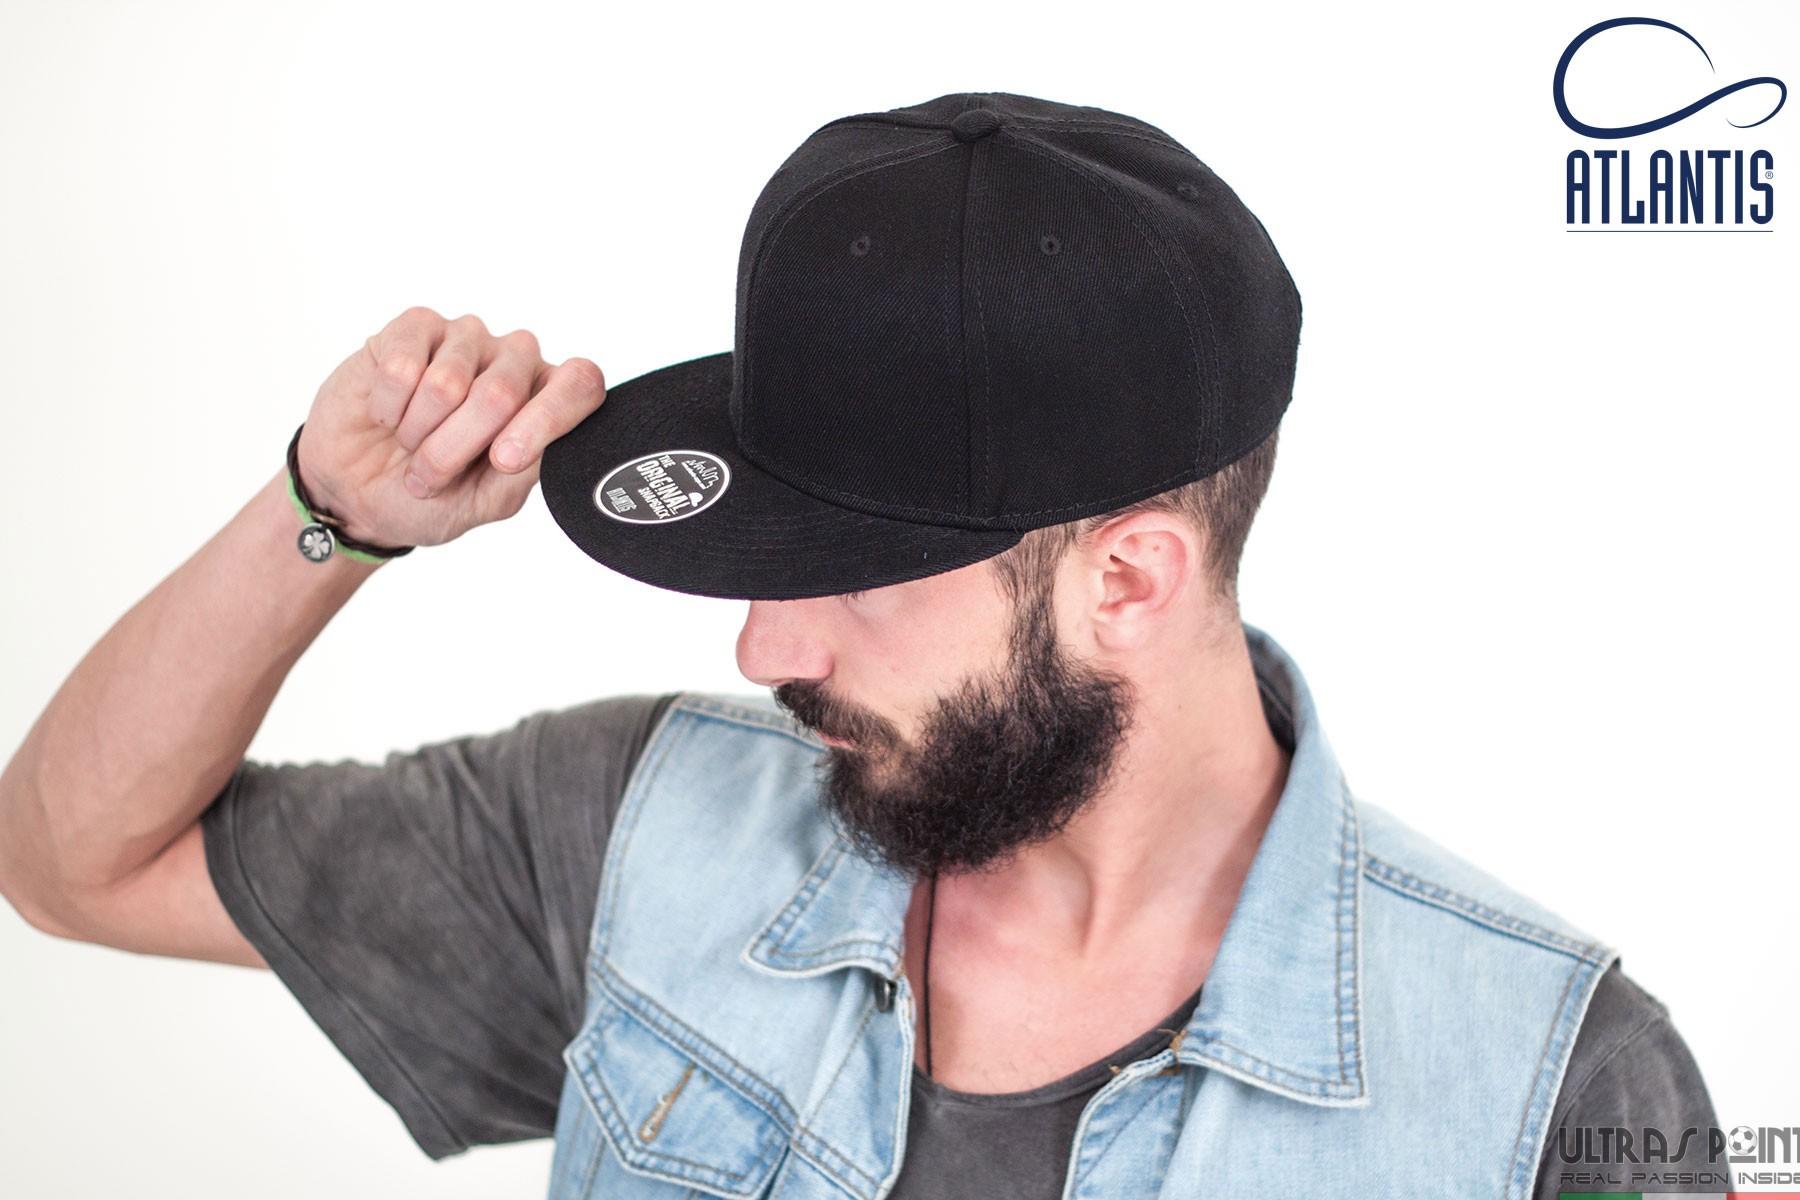 Cappello Snapback Atlantis personalizzato 56f6ae8e6594